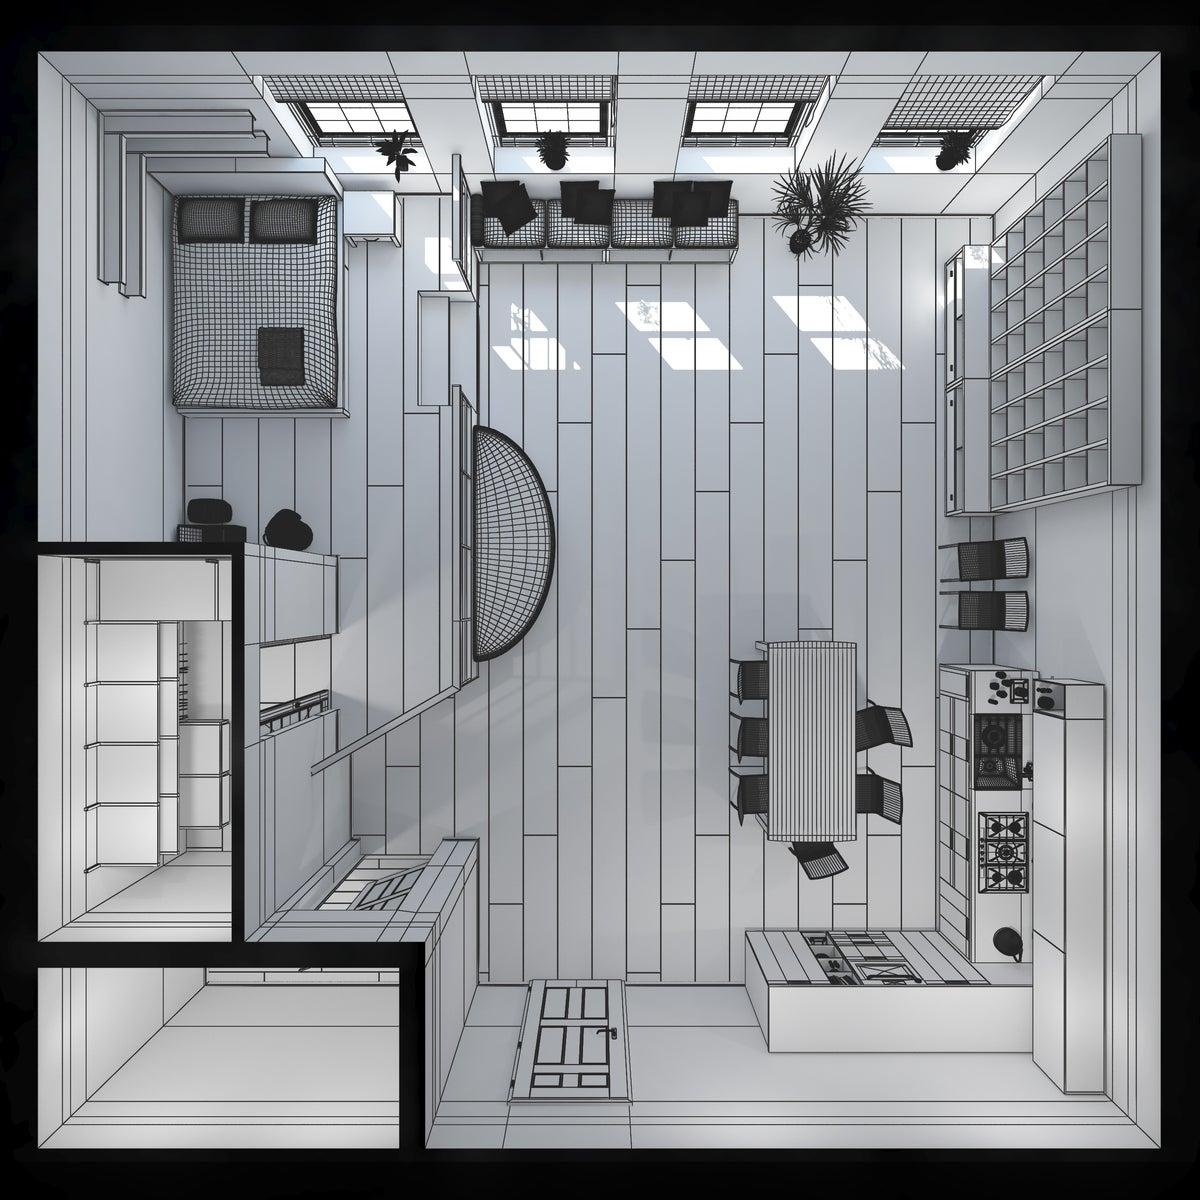 Plano del interior de una minicasa